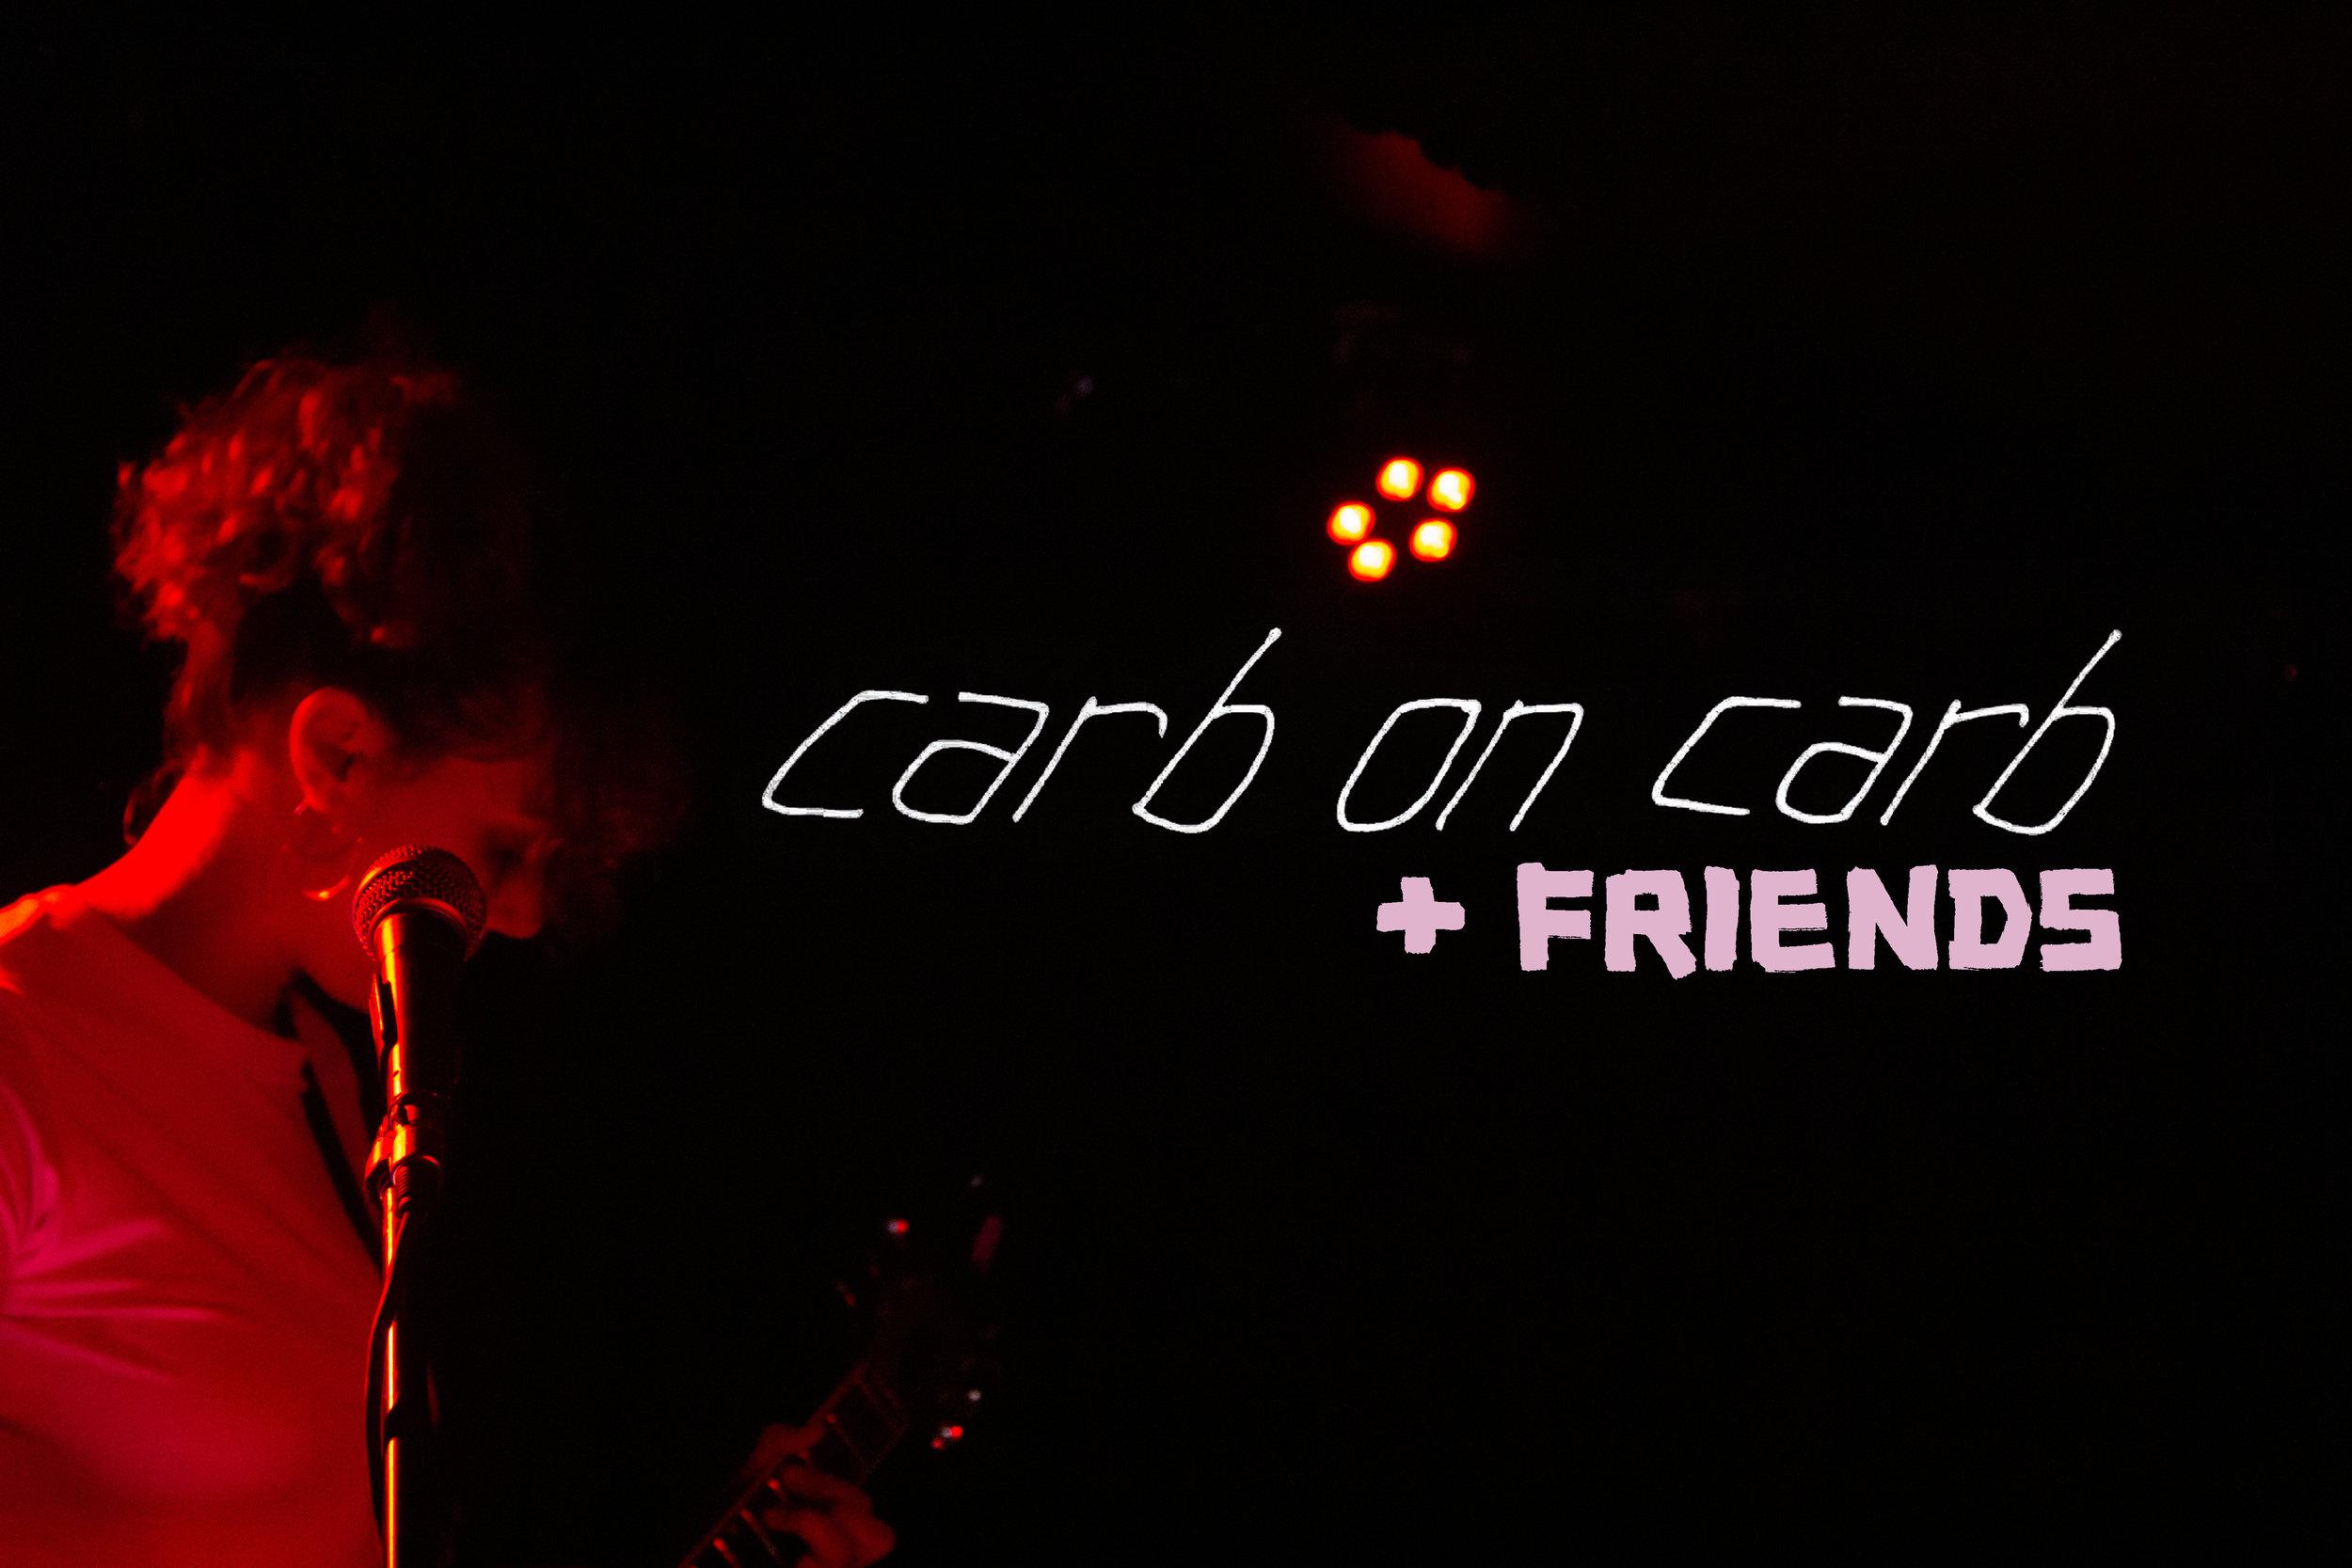 CarbOnCarb-title.jpg